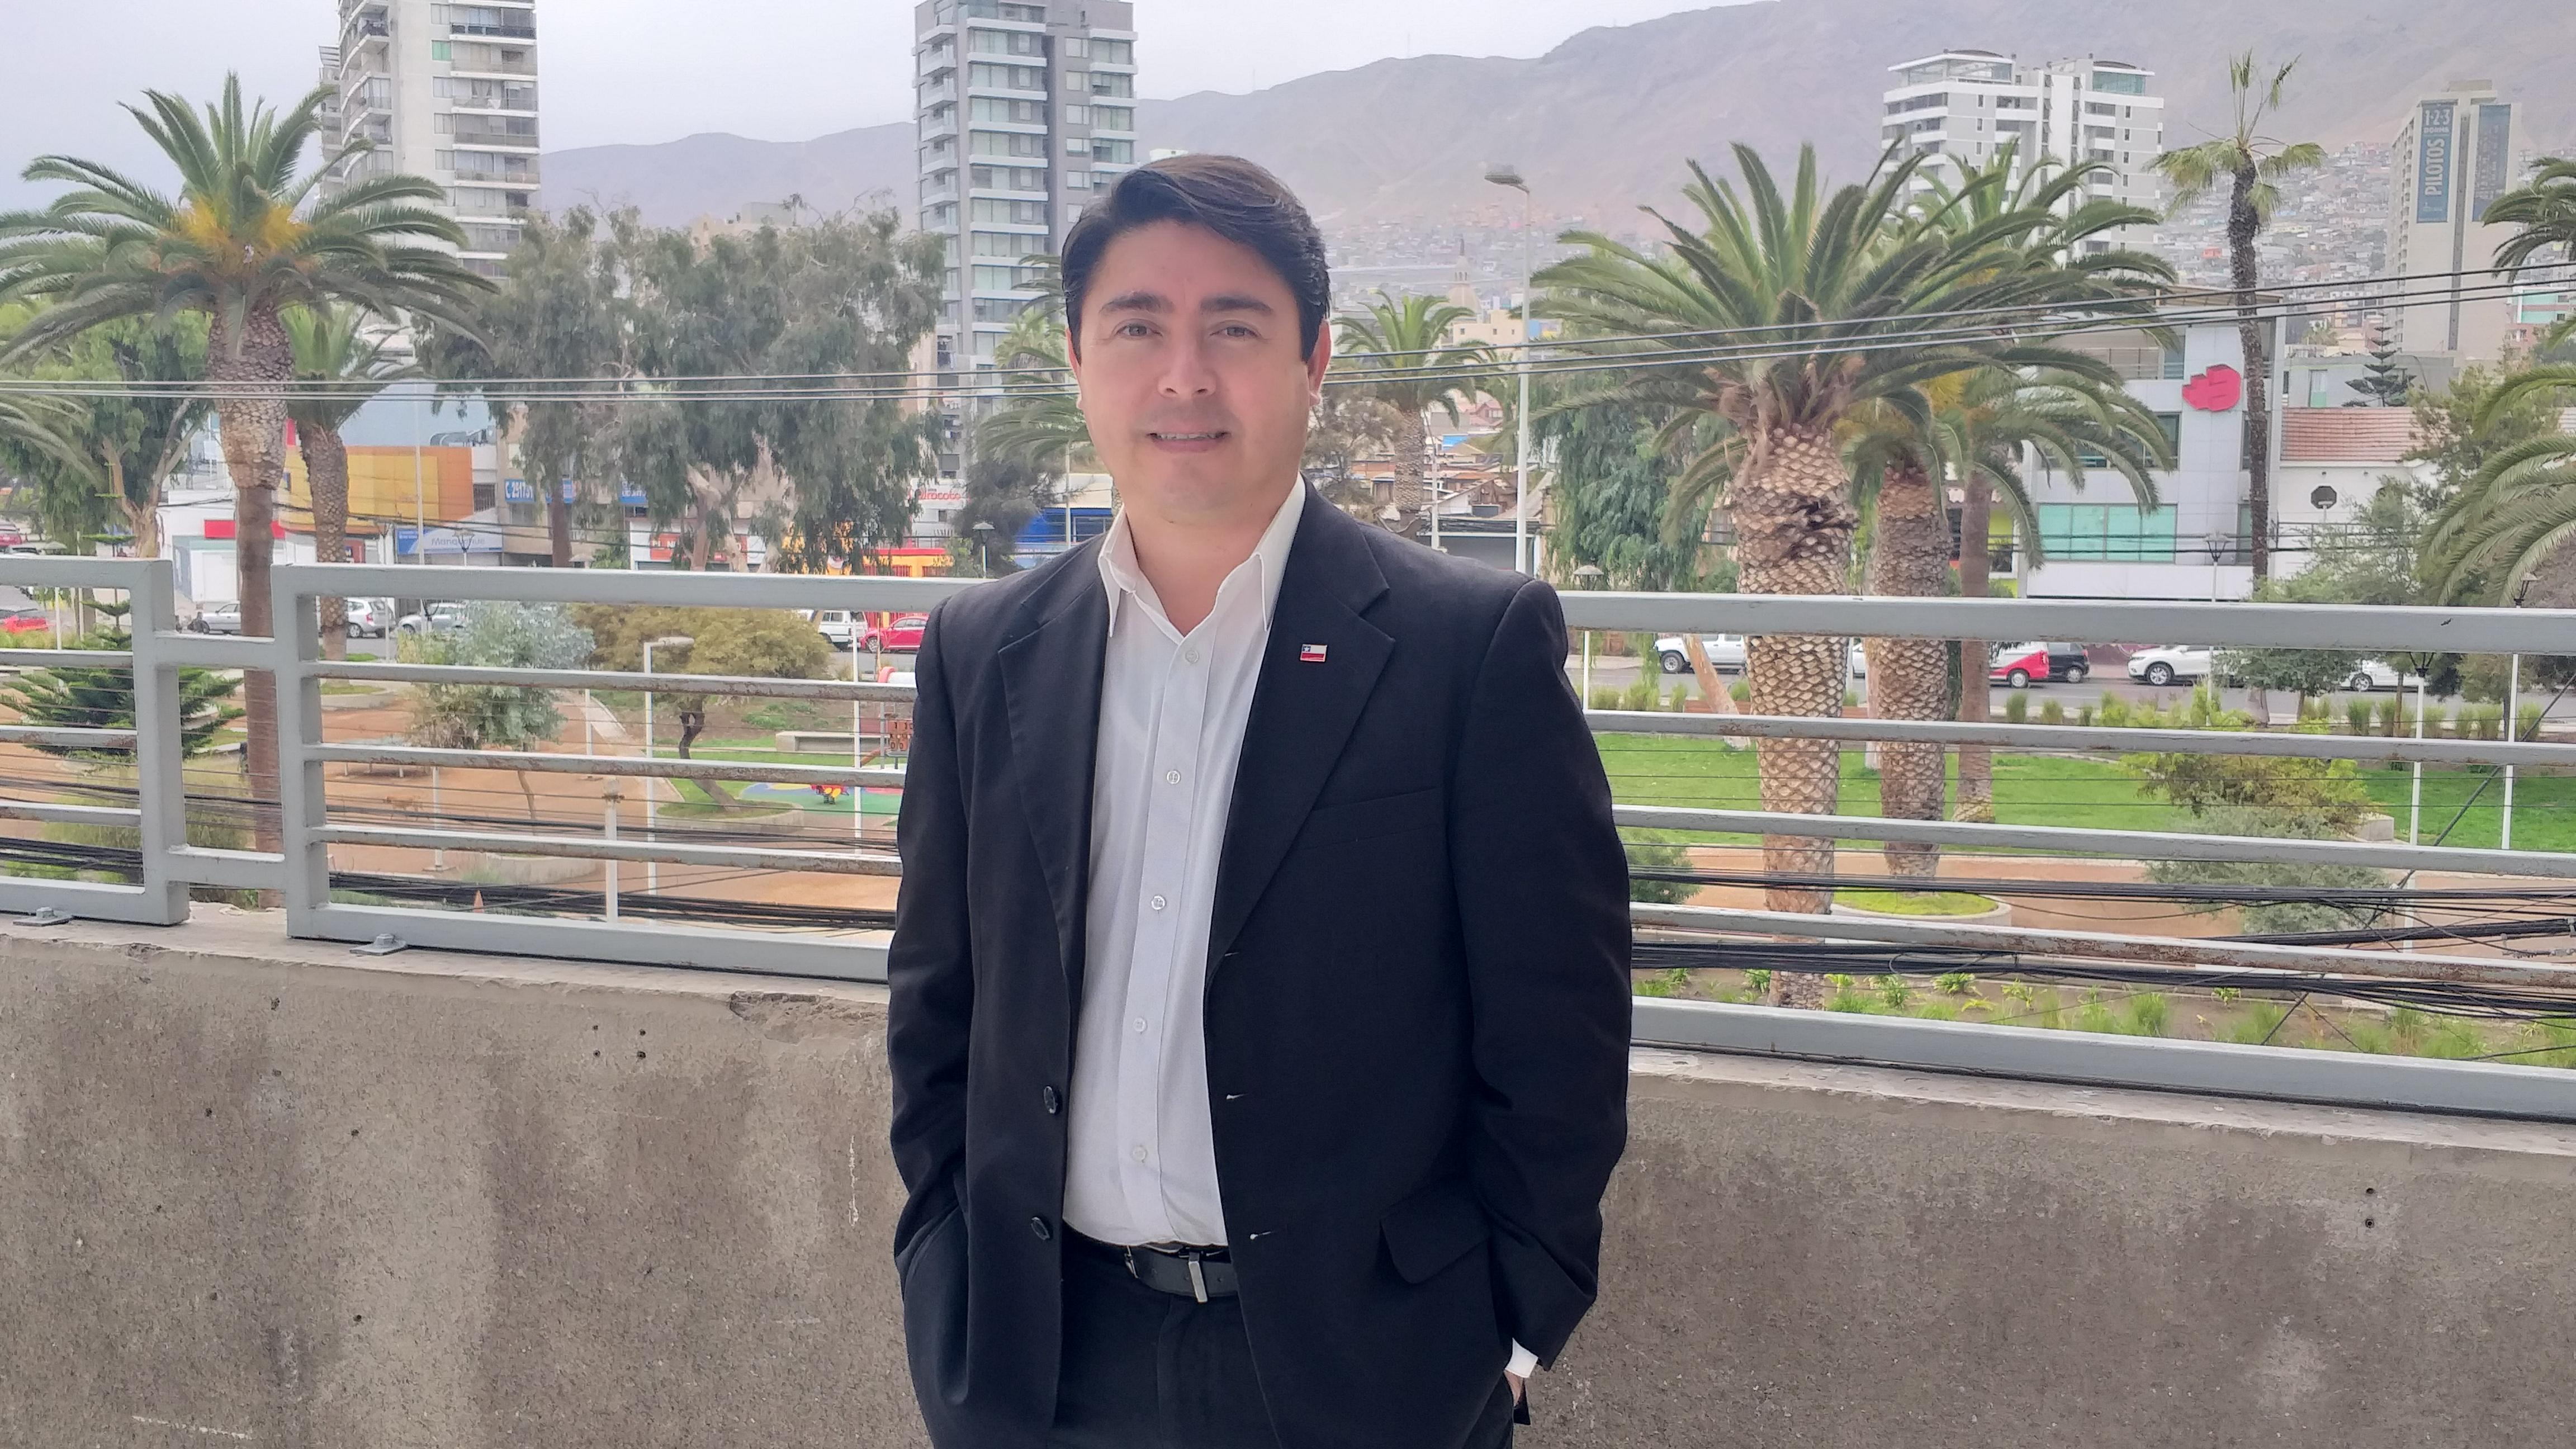 Seremi de Economía destaca avance a Paso 4 de Antofagasta, para reactivar comercio, pero pide mantener aun más los cuidados sanitarios